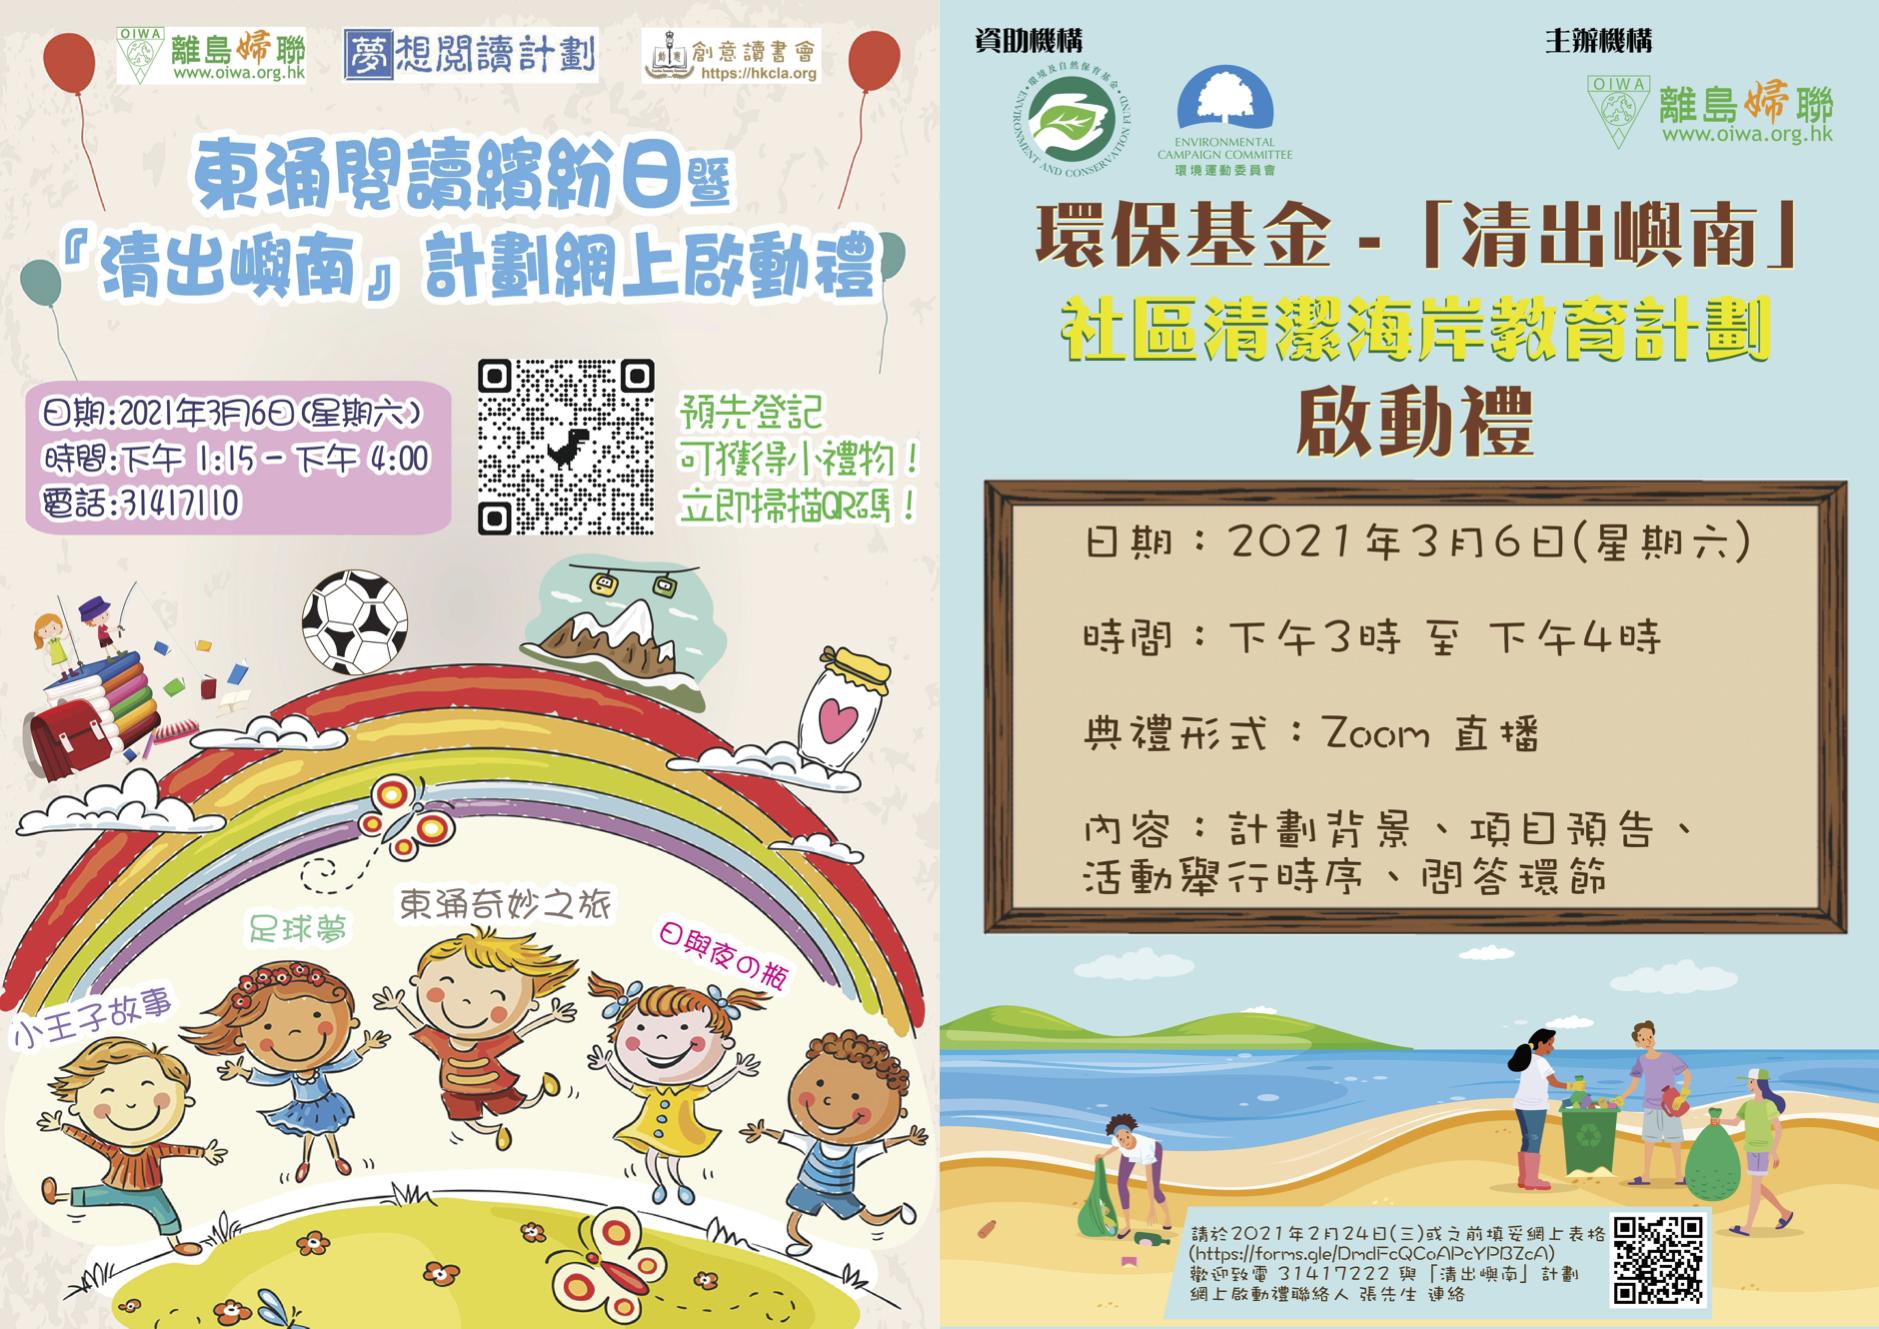 2020-2021年度 -《孩子的夢》東涌閱讀繽紛日 暨 「清出嶼南」計劃網上啟動禮報名資料